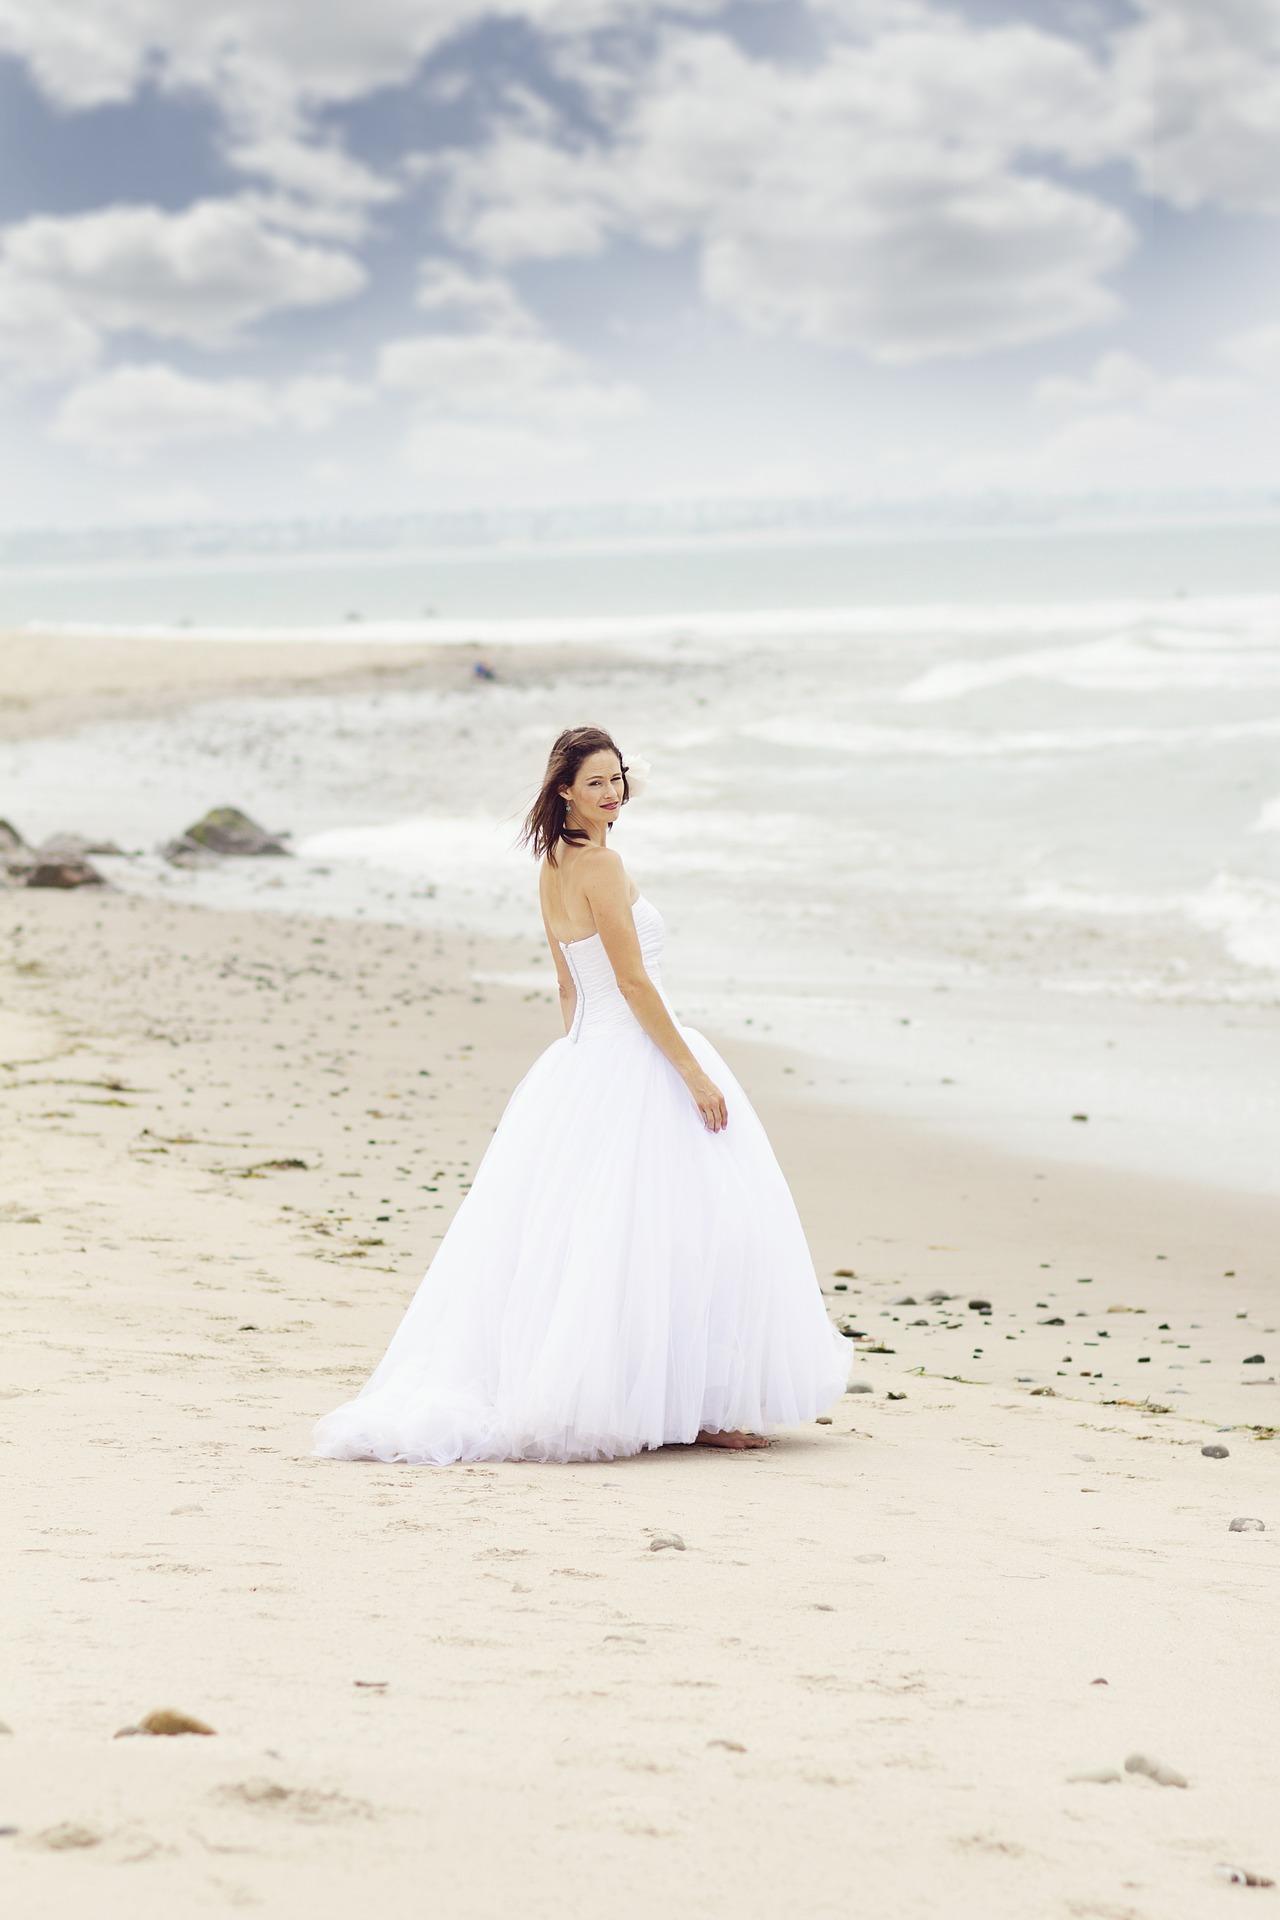 Ratgeber Brautkleid – Informationen, Tipps und Empfehlungen